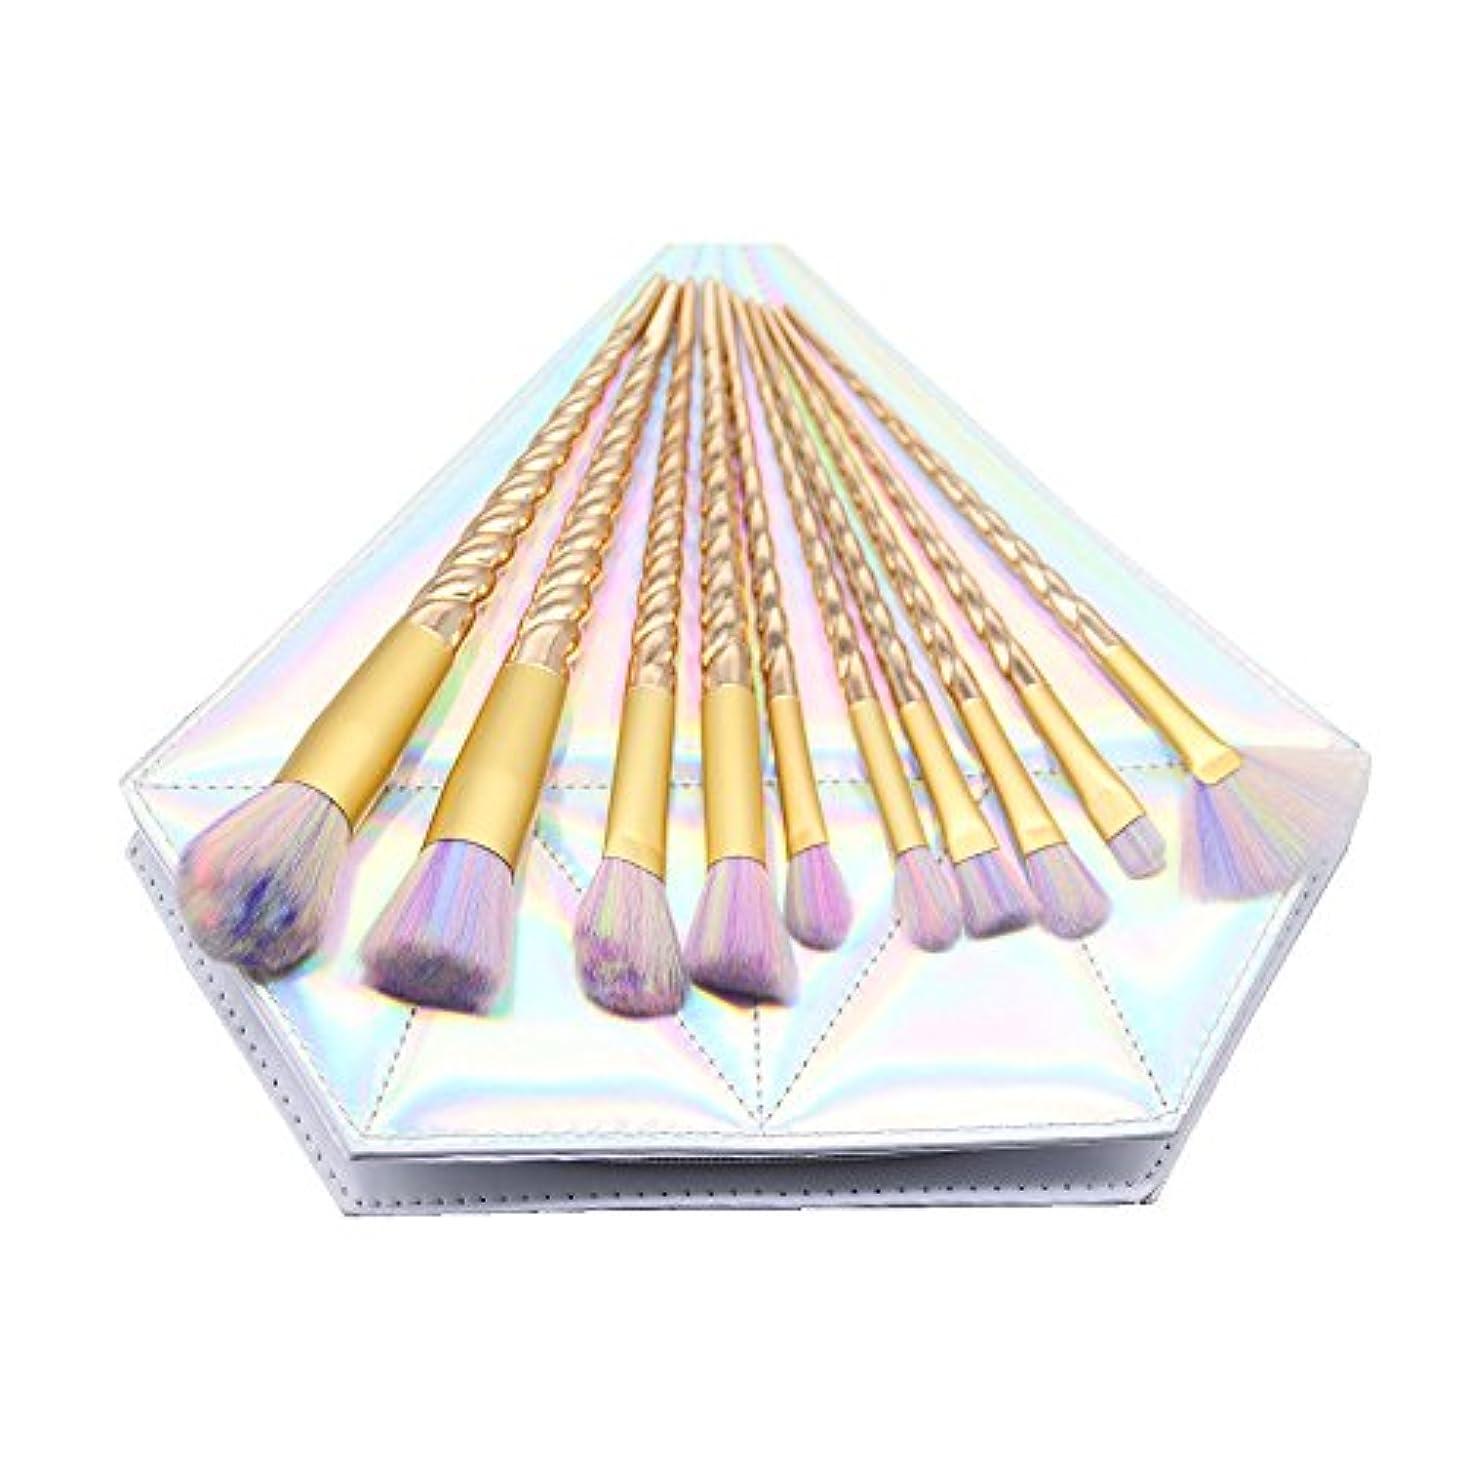 害宮殿メッシュDilla Beauty メイクブラシセット 10本セット ユニコーンデザイン プラスチックハンドル 合成毛 ファンデーションブラシ アイシャドーブラッシャー 美容ツール 化粧品のバッグ付き